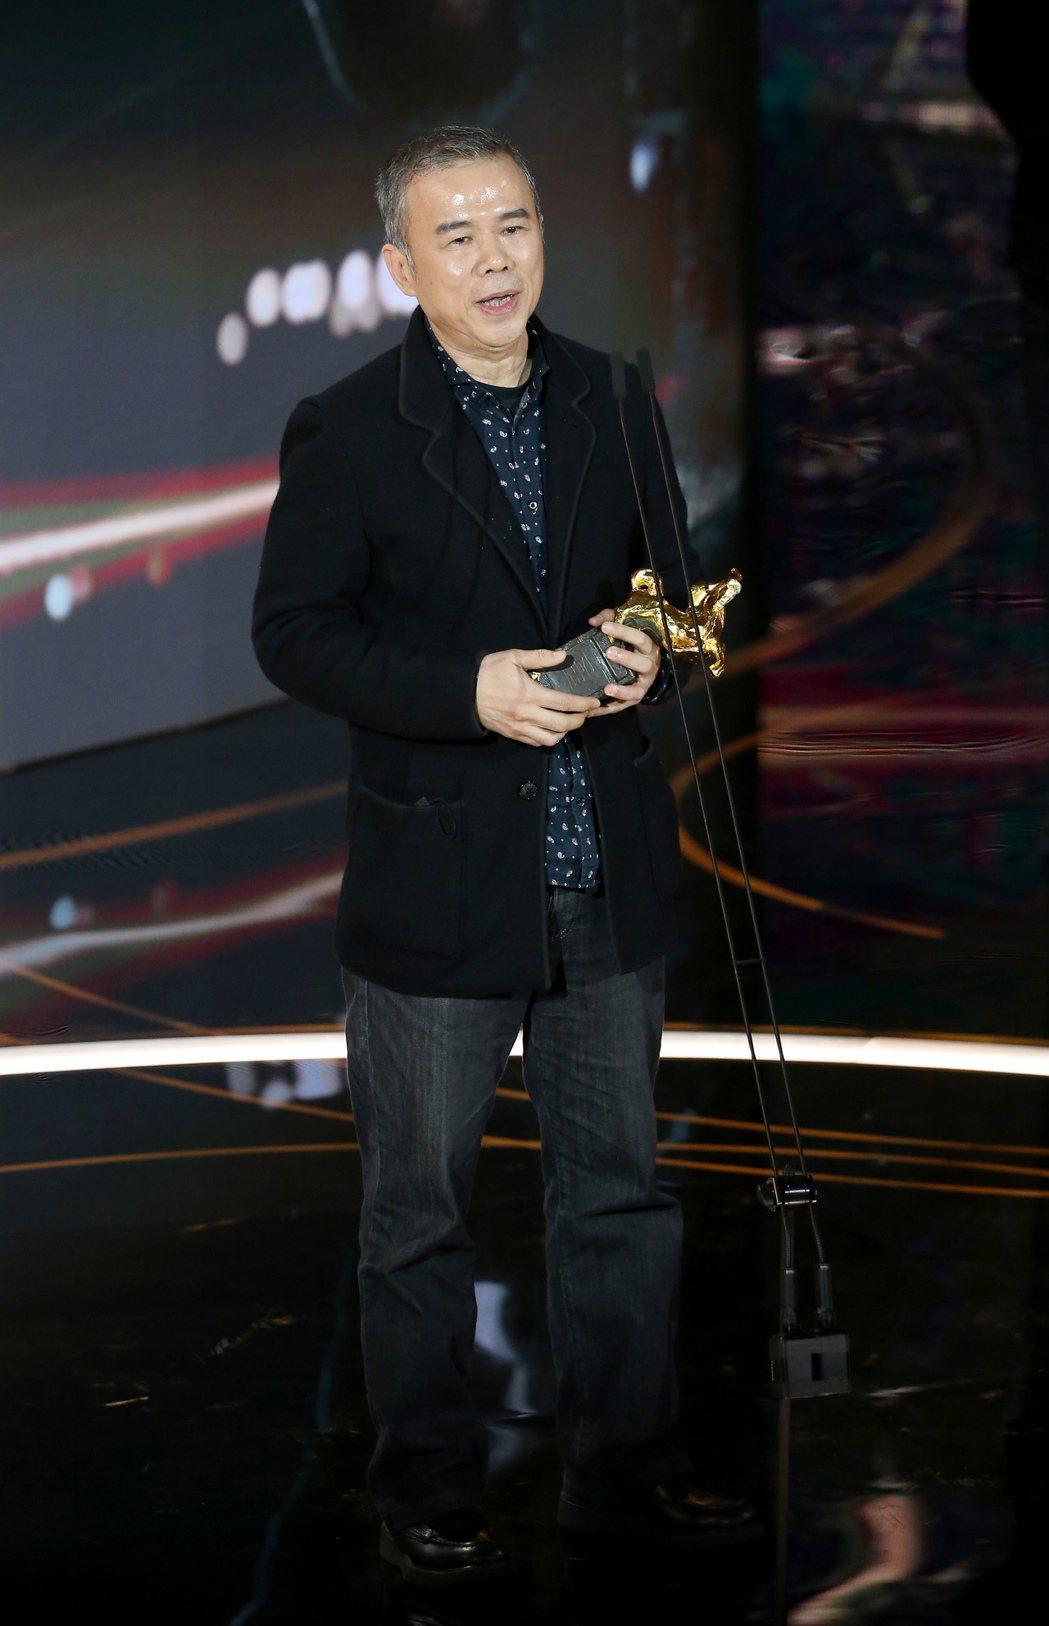 第57屆金馬獎頒獎典禮在國父紀念館舉行,陳玉勳。記者季相儒/攝影